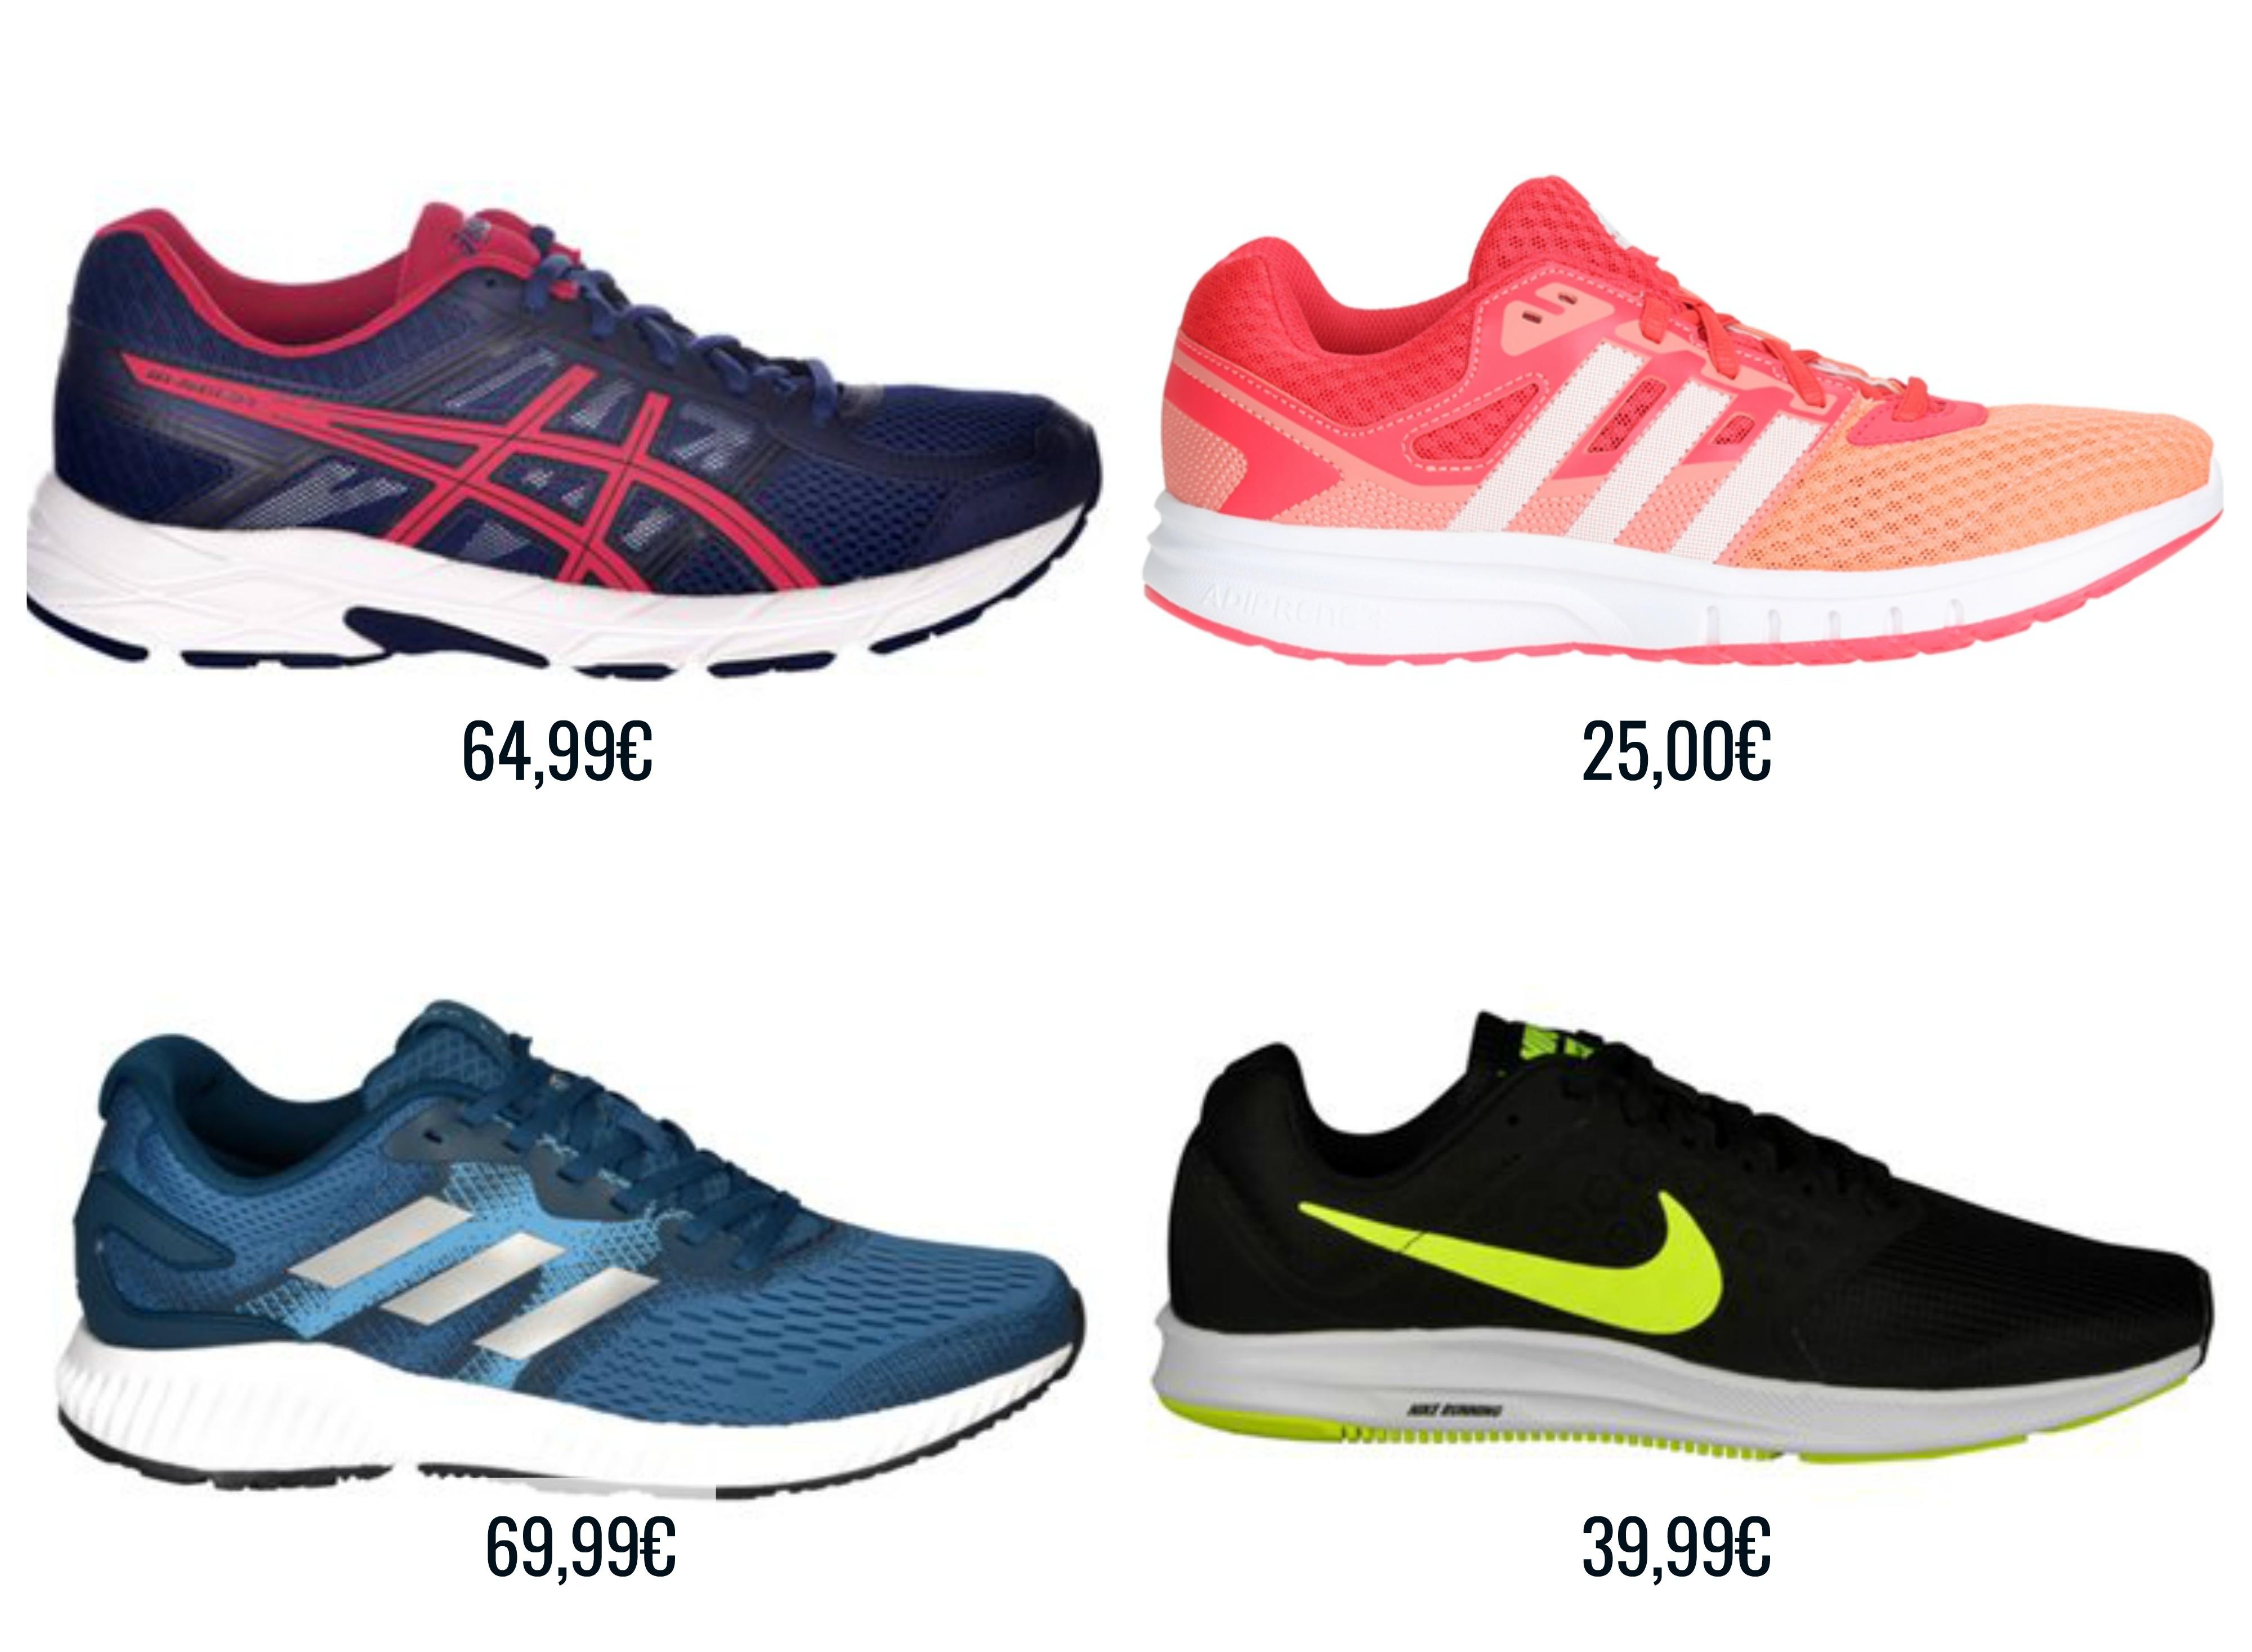 sapatilhas sport zone para correr